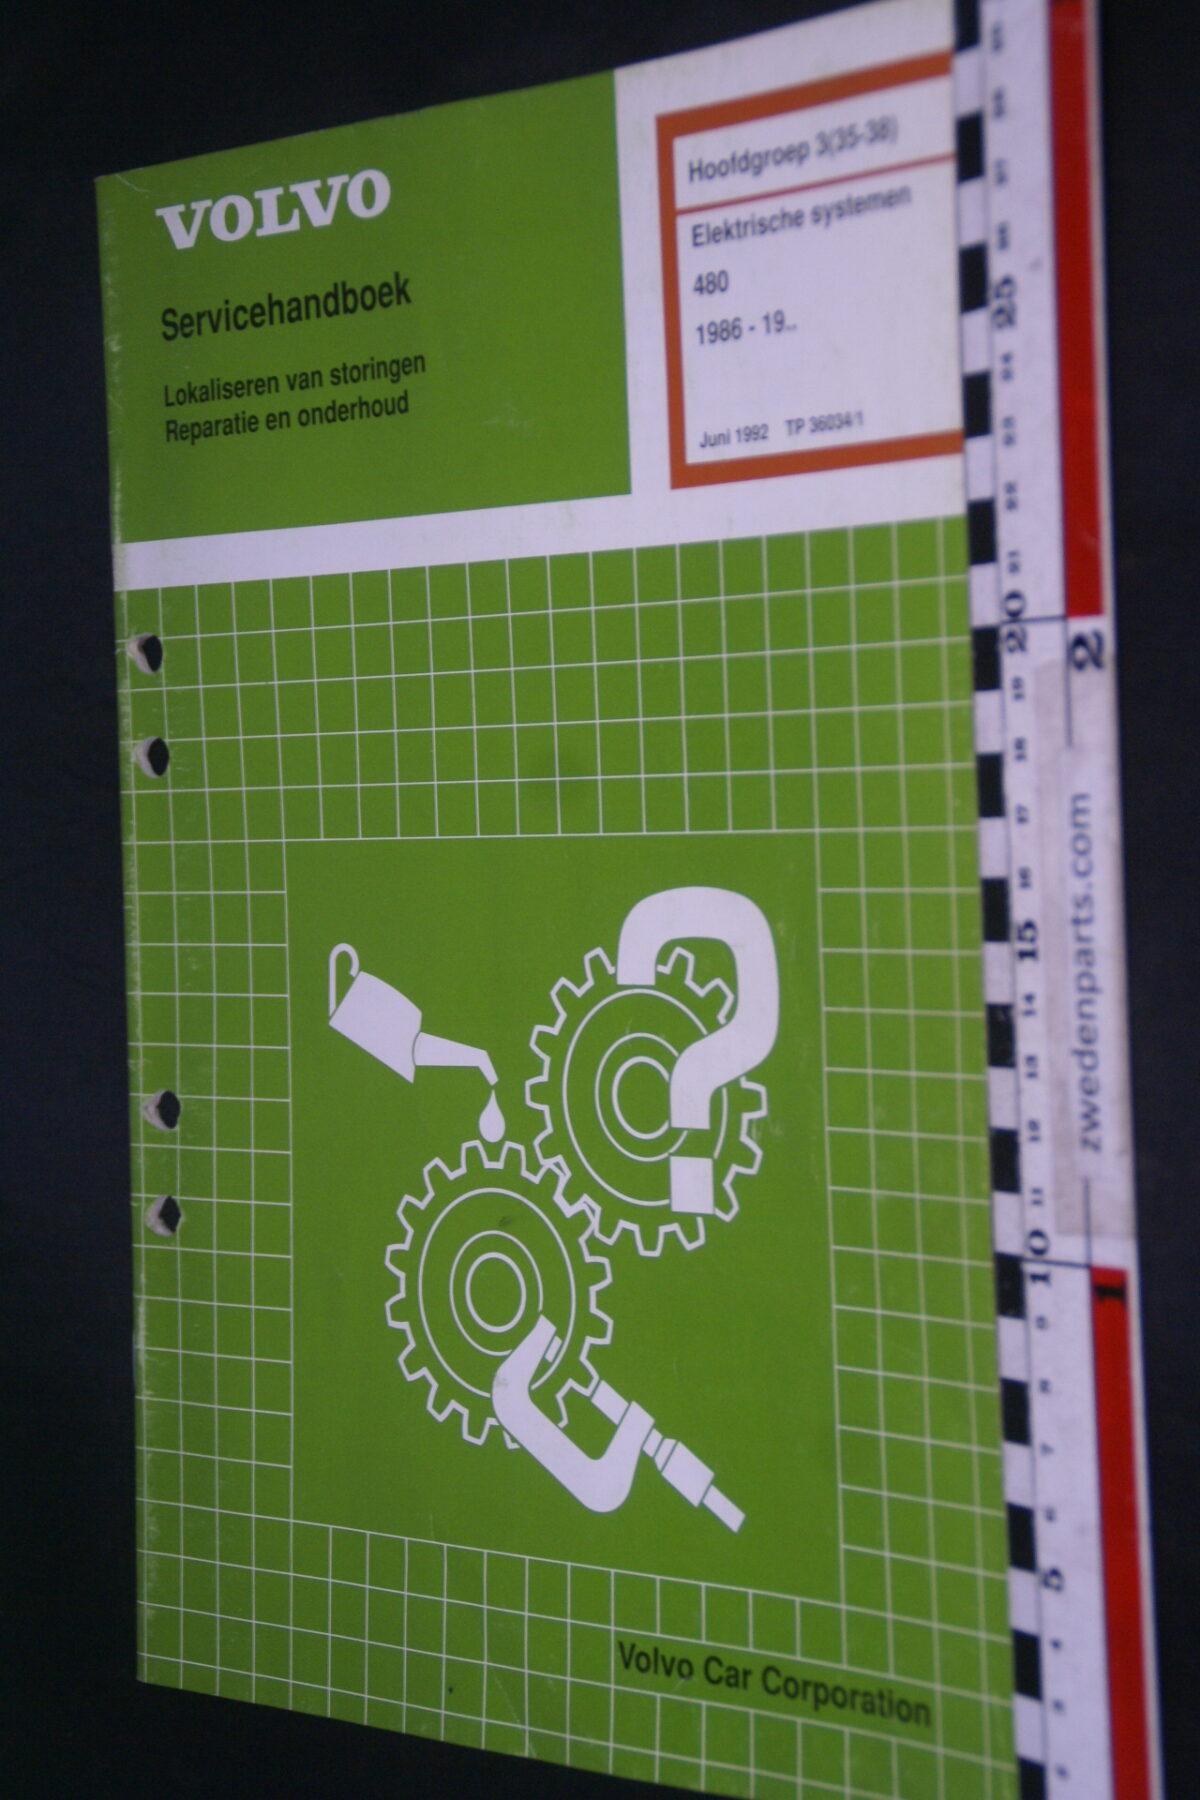 DSC09050 1992 origineel  Volvo 480 servicehandboek electrisch systeem 3 (35-38) 1 van 1.000 nr TP 35334-1